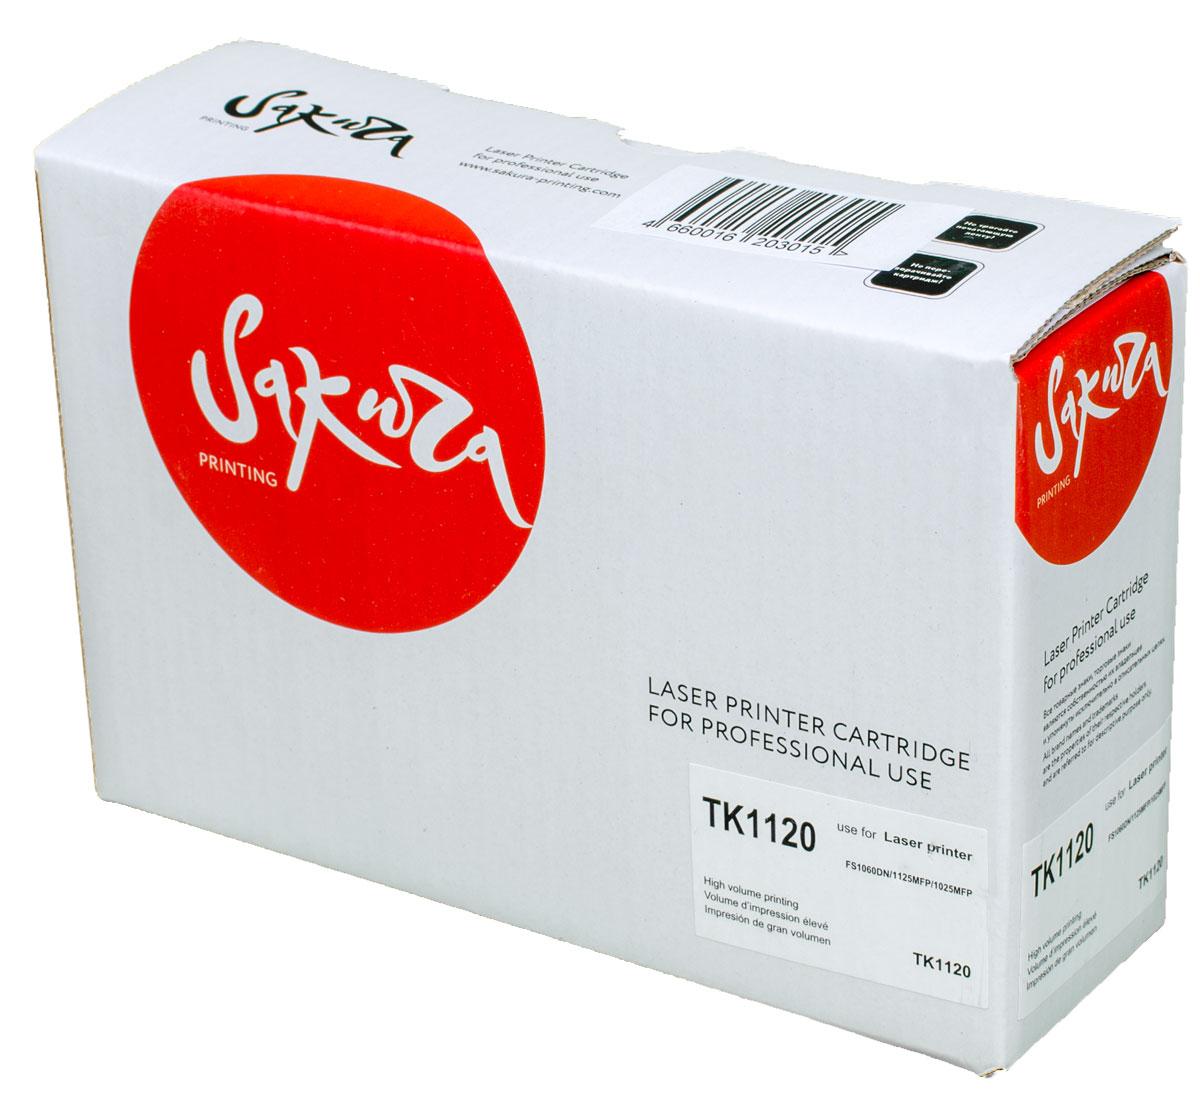 Sakura TK1120, Black тонер-картридж для Kyocera FS1060DN/FS1125MFP/FS1025MFP